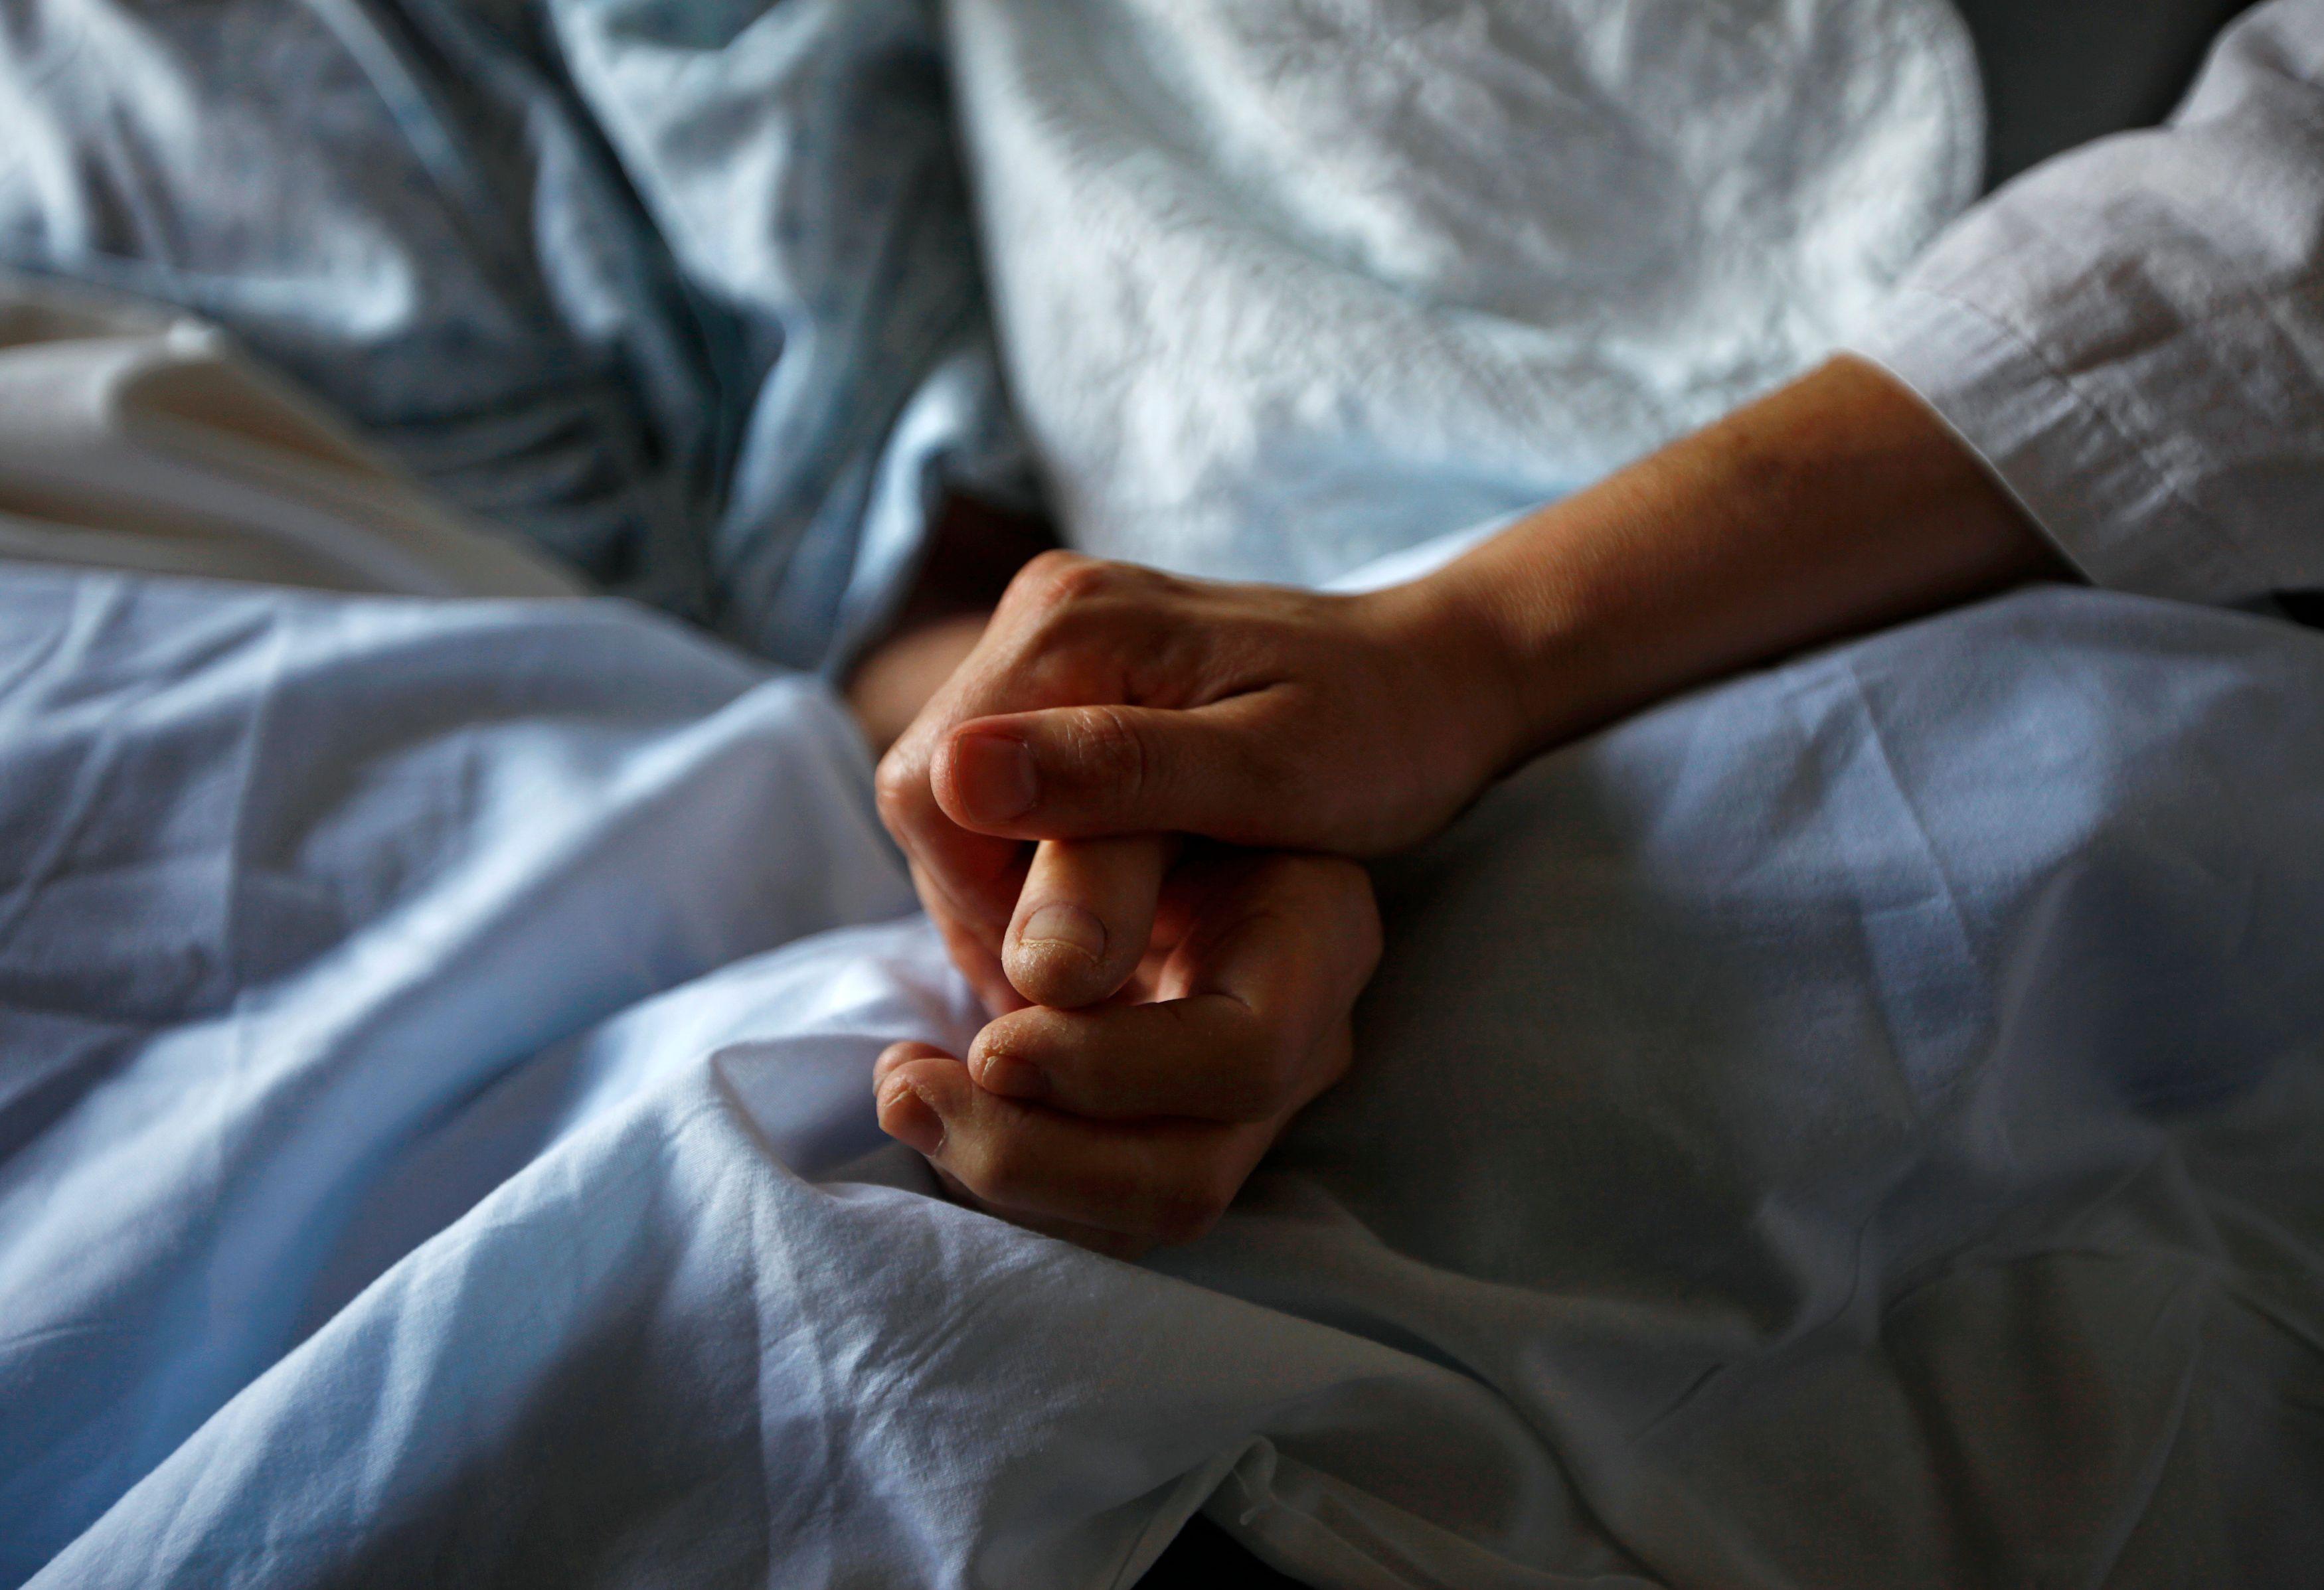 En rendant légal l'euthanasie, l'Etat français fait d'une exception une norme.